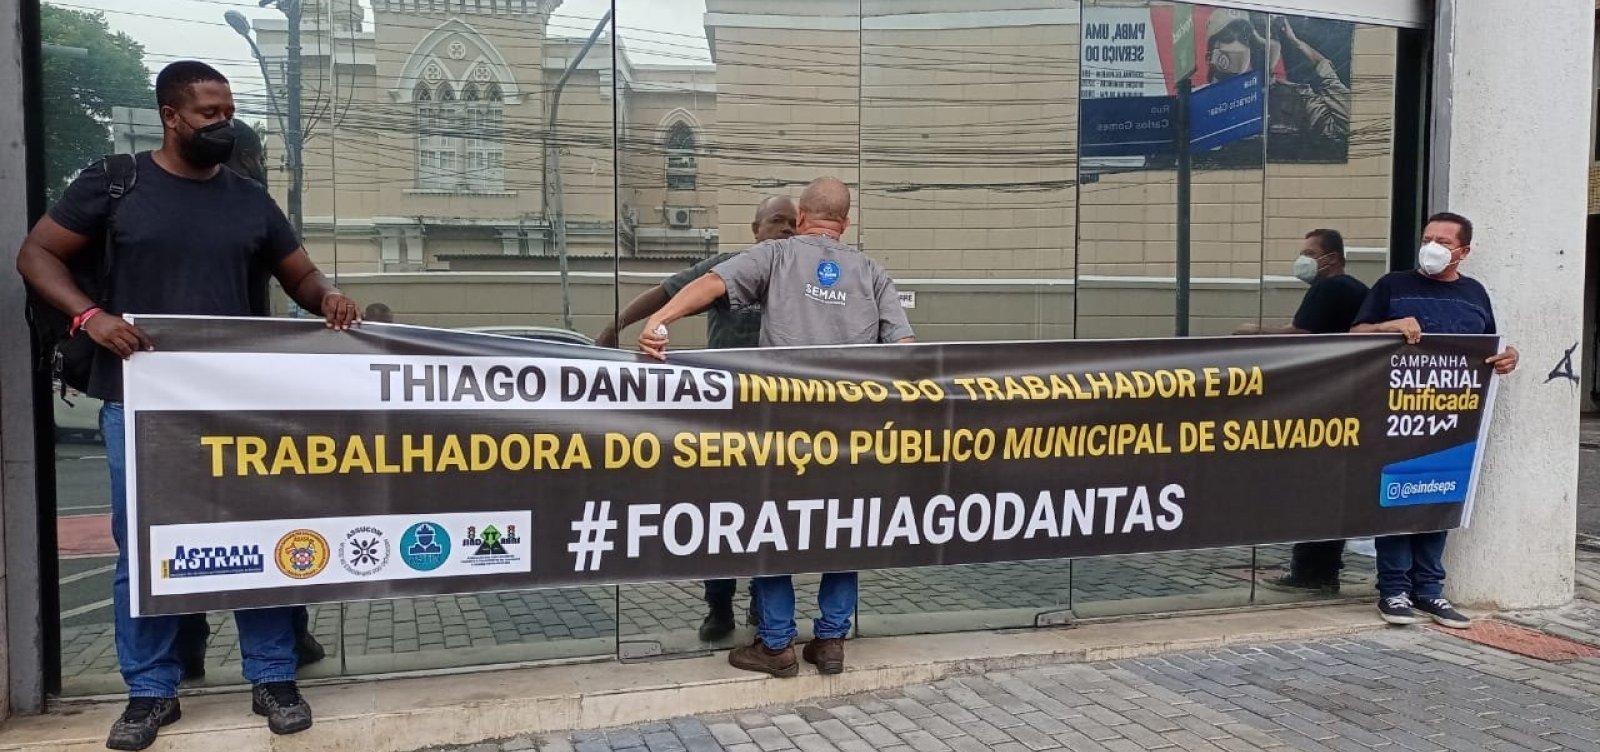 """Em manifestação, servidores municipais pedem saída de secretário por """"preguiça negocial"""""""